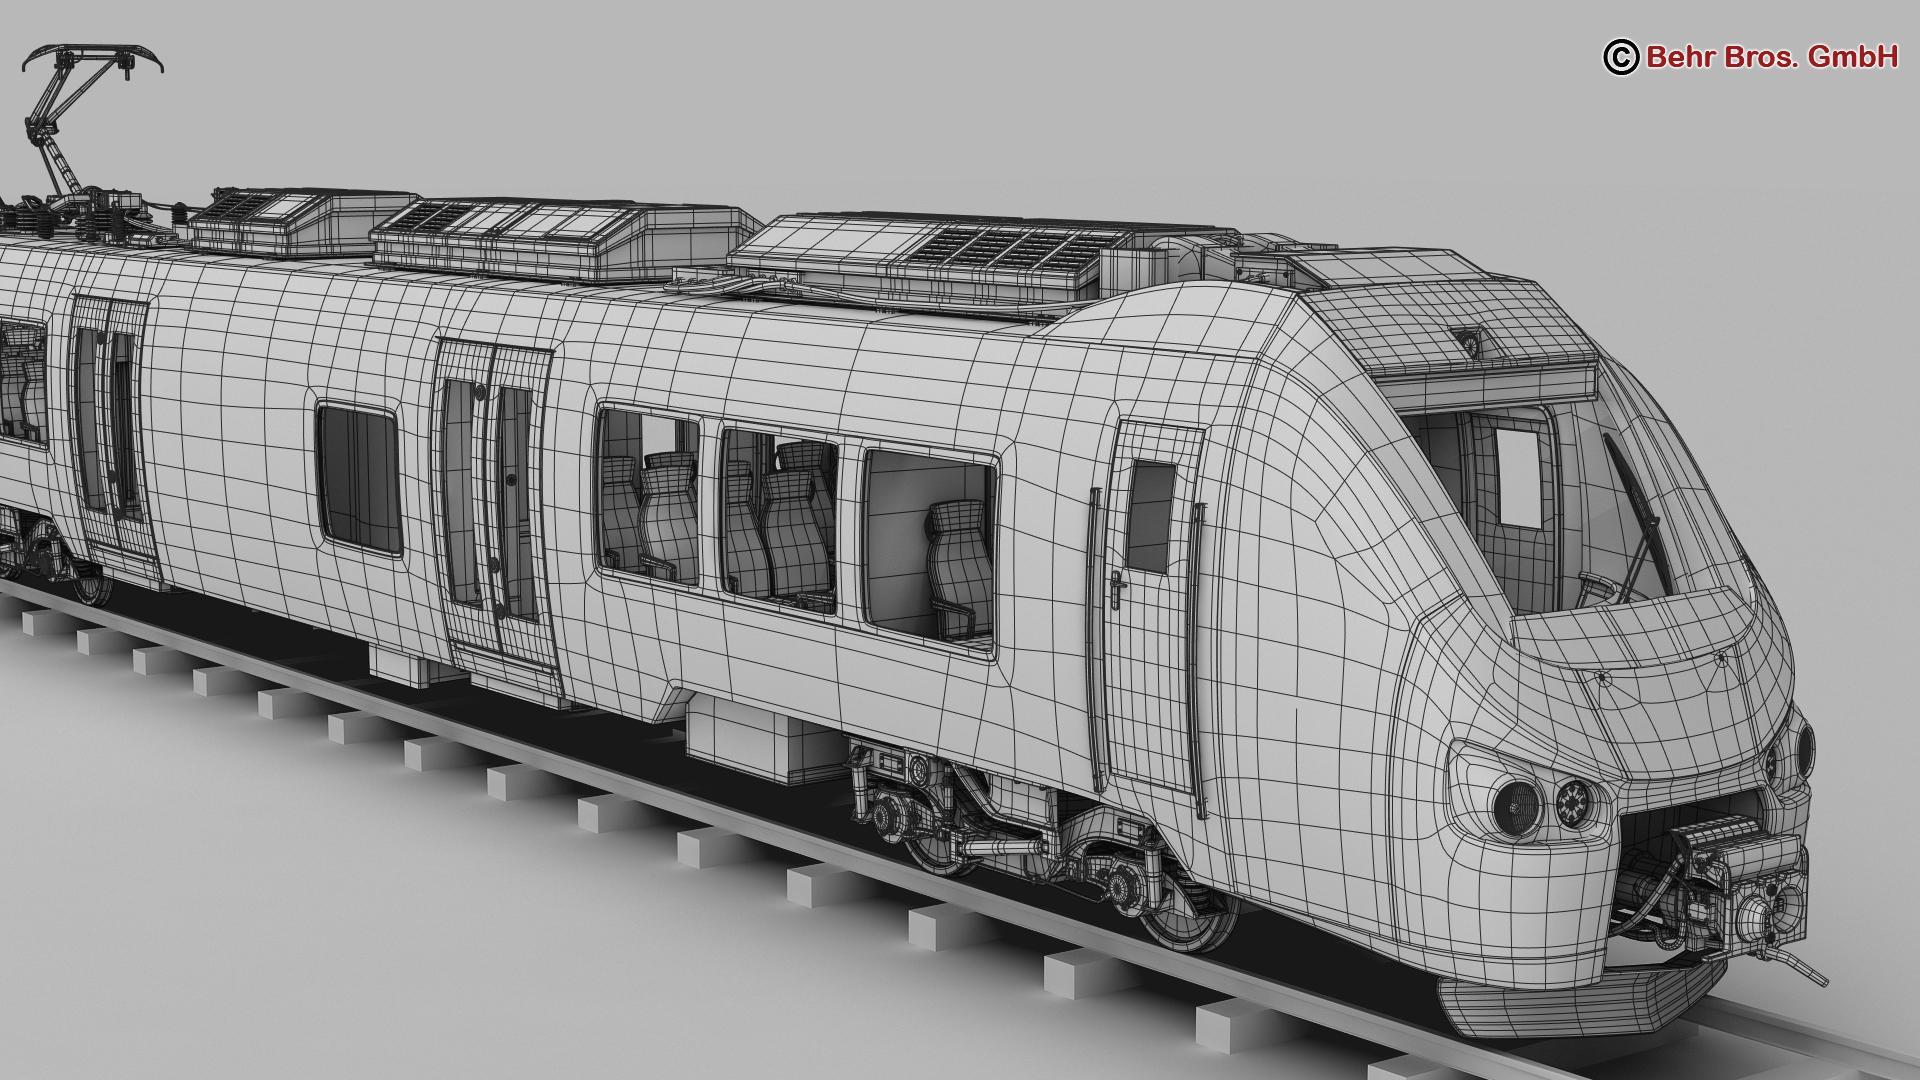 generic commuter train 3d model 3ds max fbx c4d ma mb obj 206624